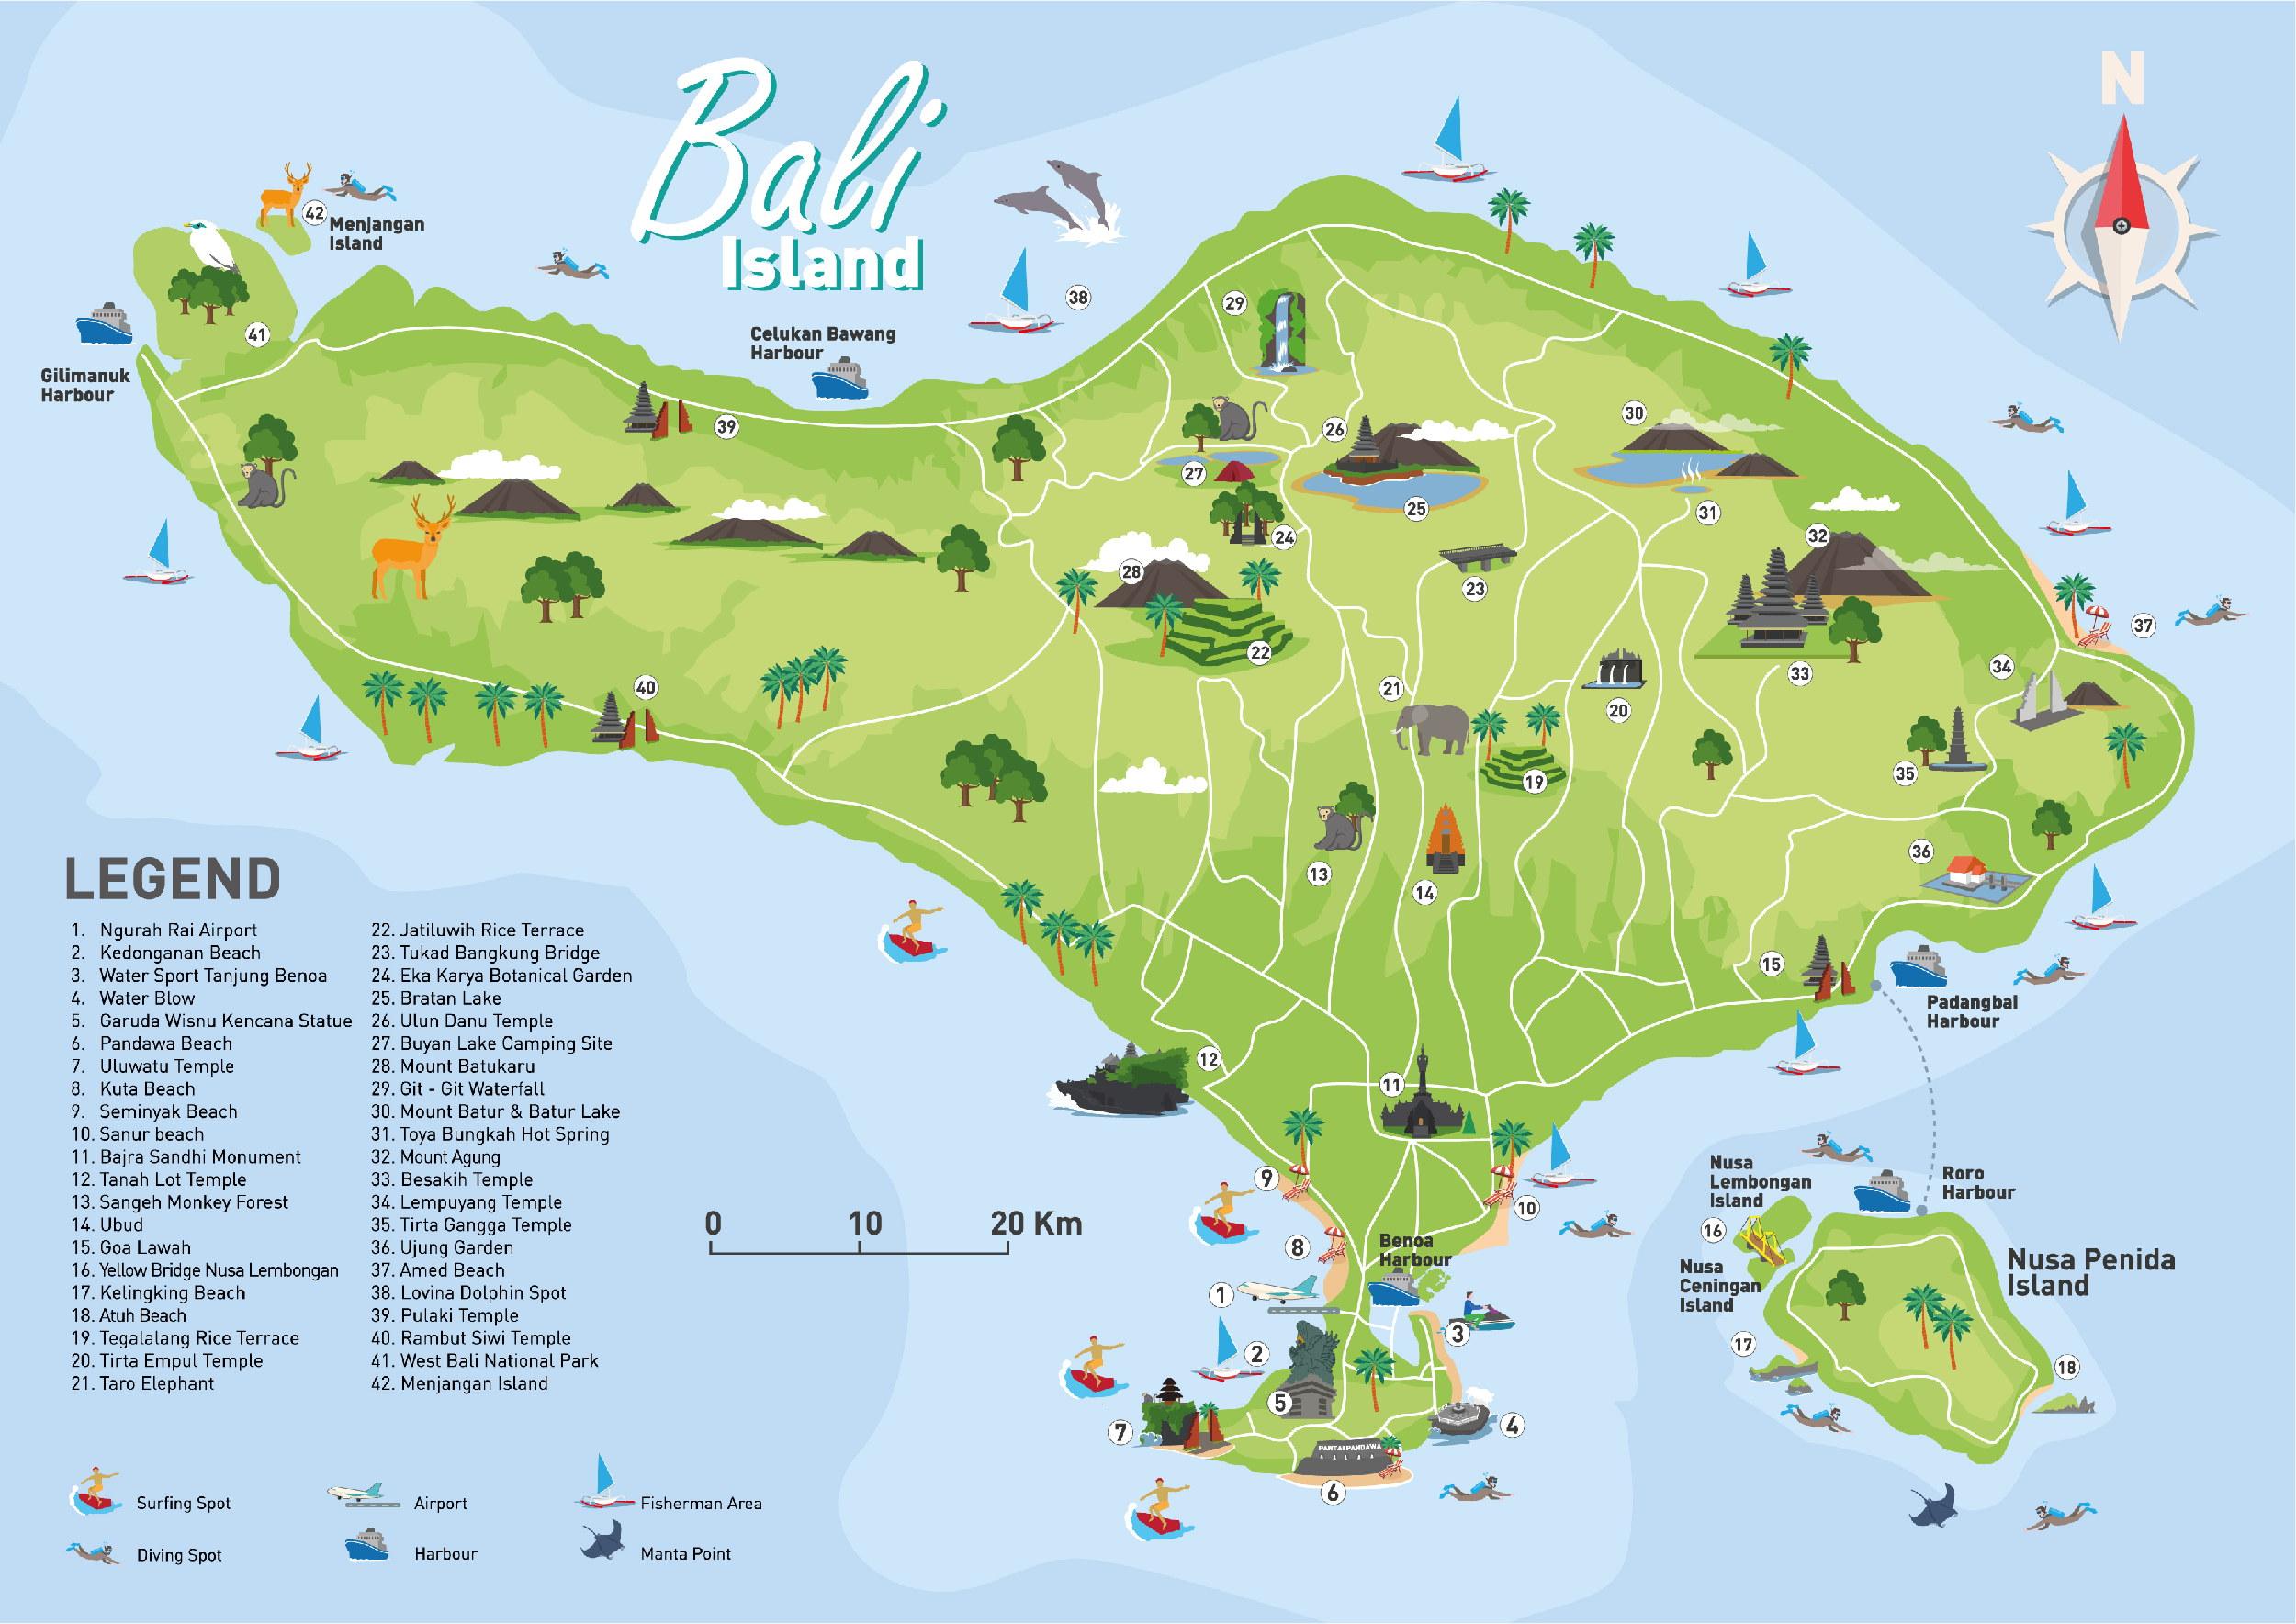 Mapy Bali Ke Stazeni Vyber Nejlepsich Map Ostrova